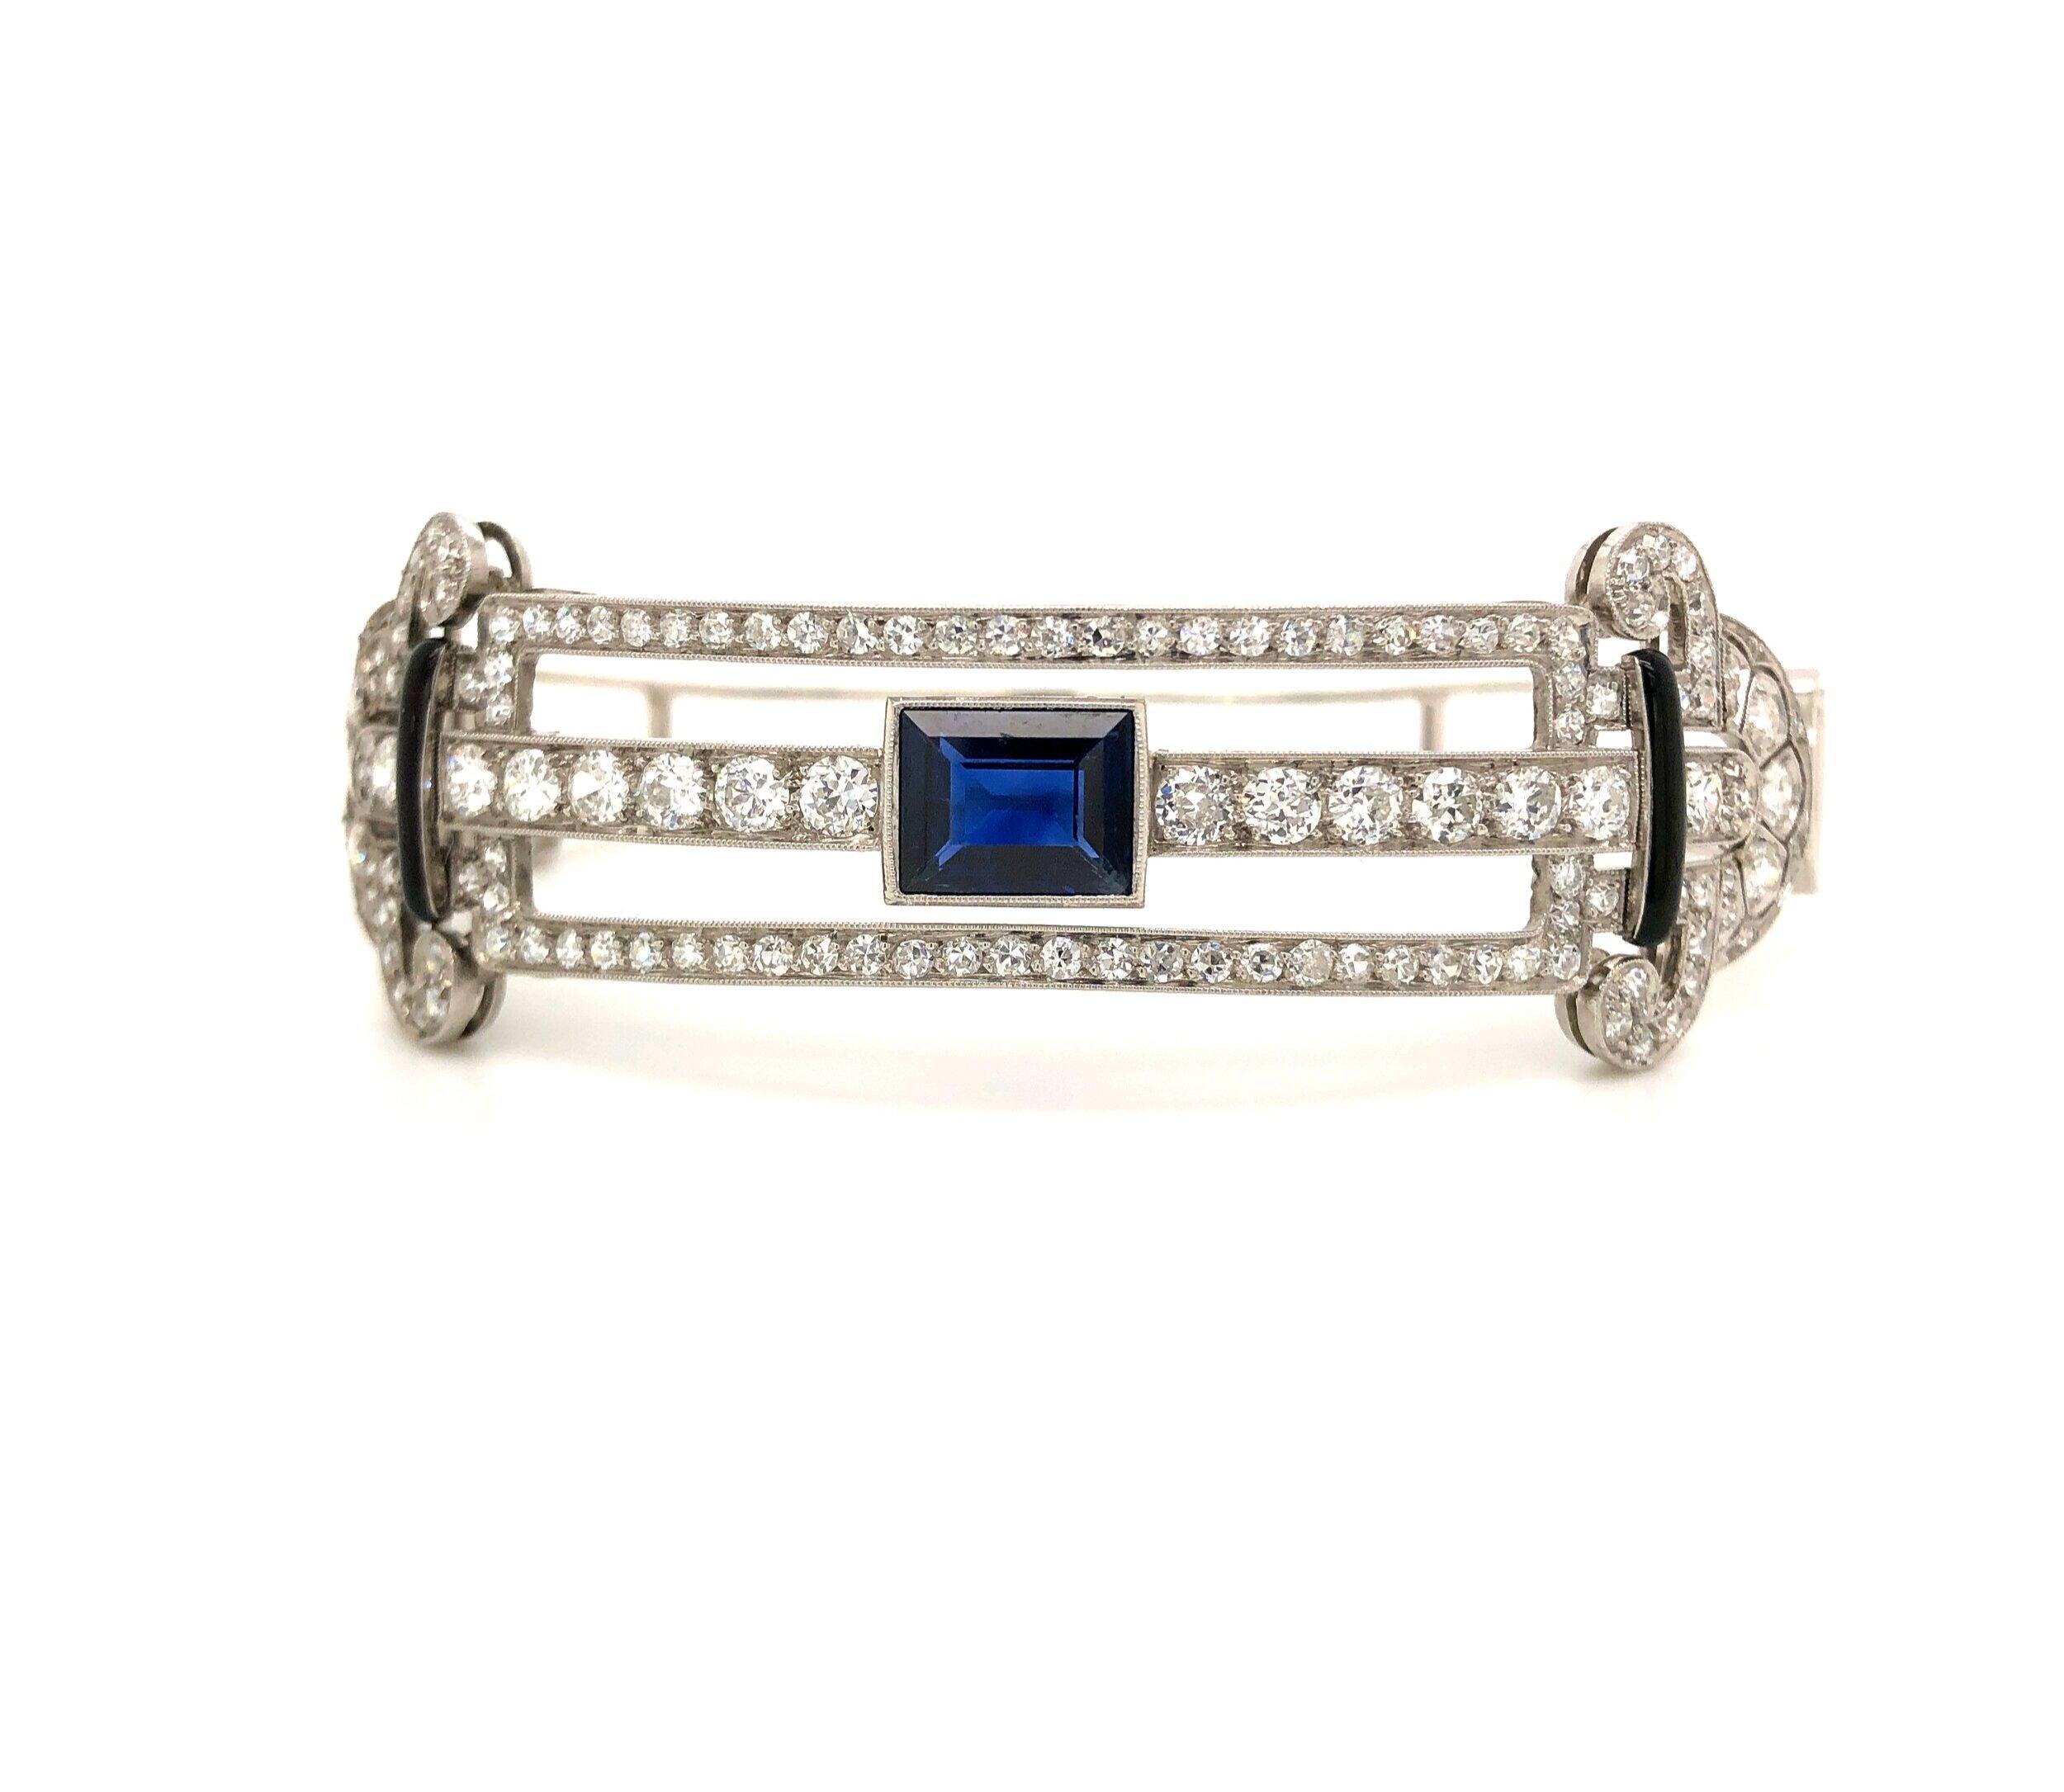 Bracelet  Est. US$ 6,000-7,500